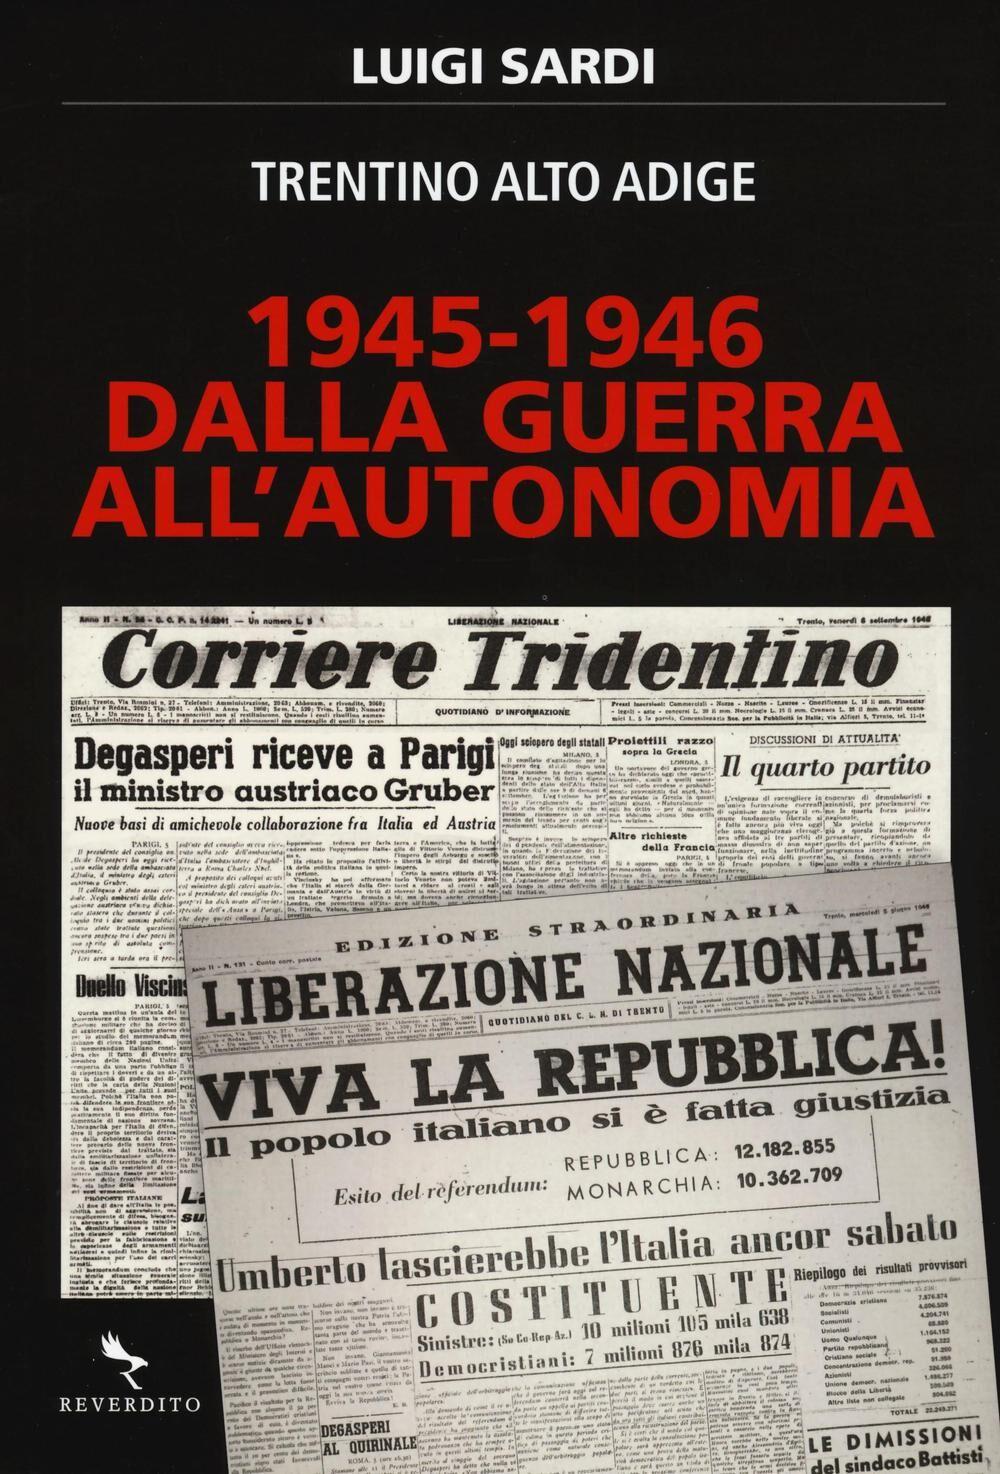 Dalla guerra all'autonomia 1945-1946. Trentino Alto Adige